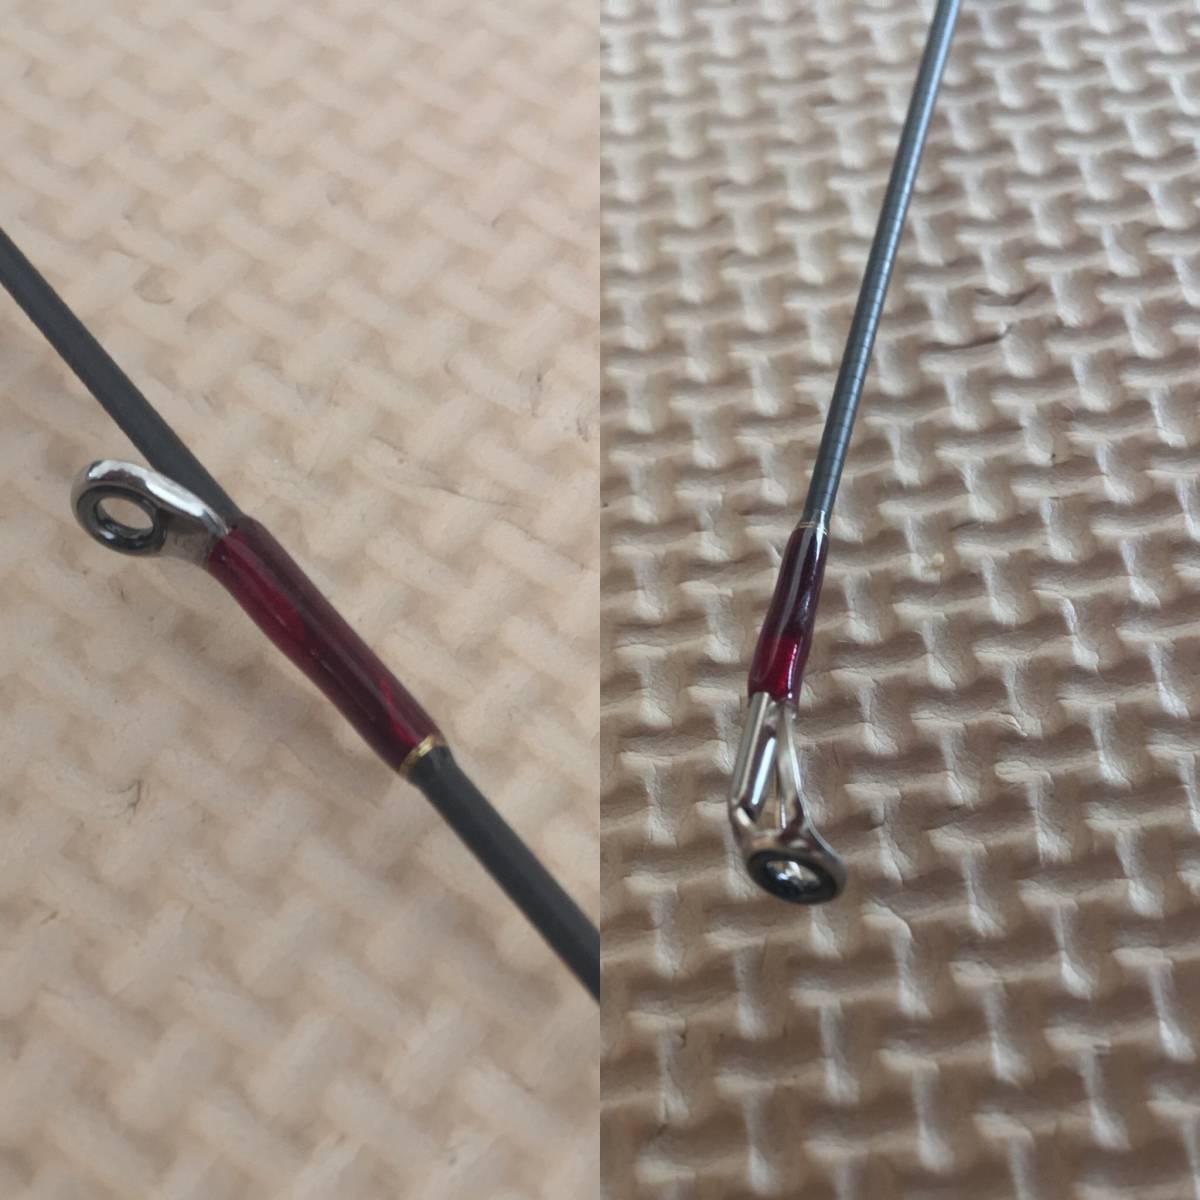 新品 TENRYU(テンリュウ)Red Flip(レッドフリップ) RF661B-L (TAI-RUBBER)  保証書・袋付 タイラバロッド-日本代购网图片2链接